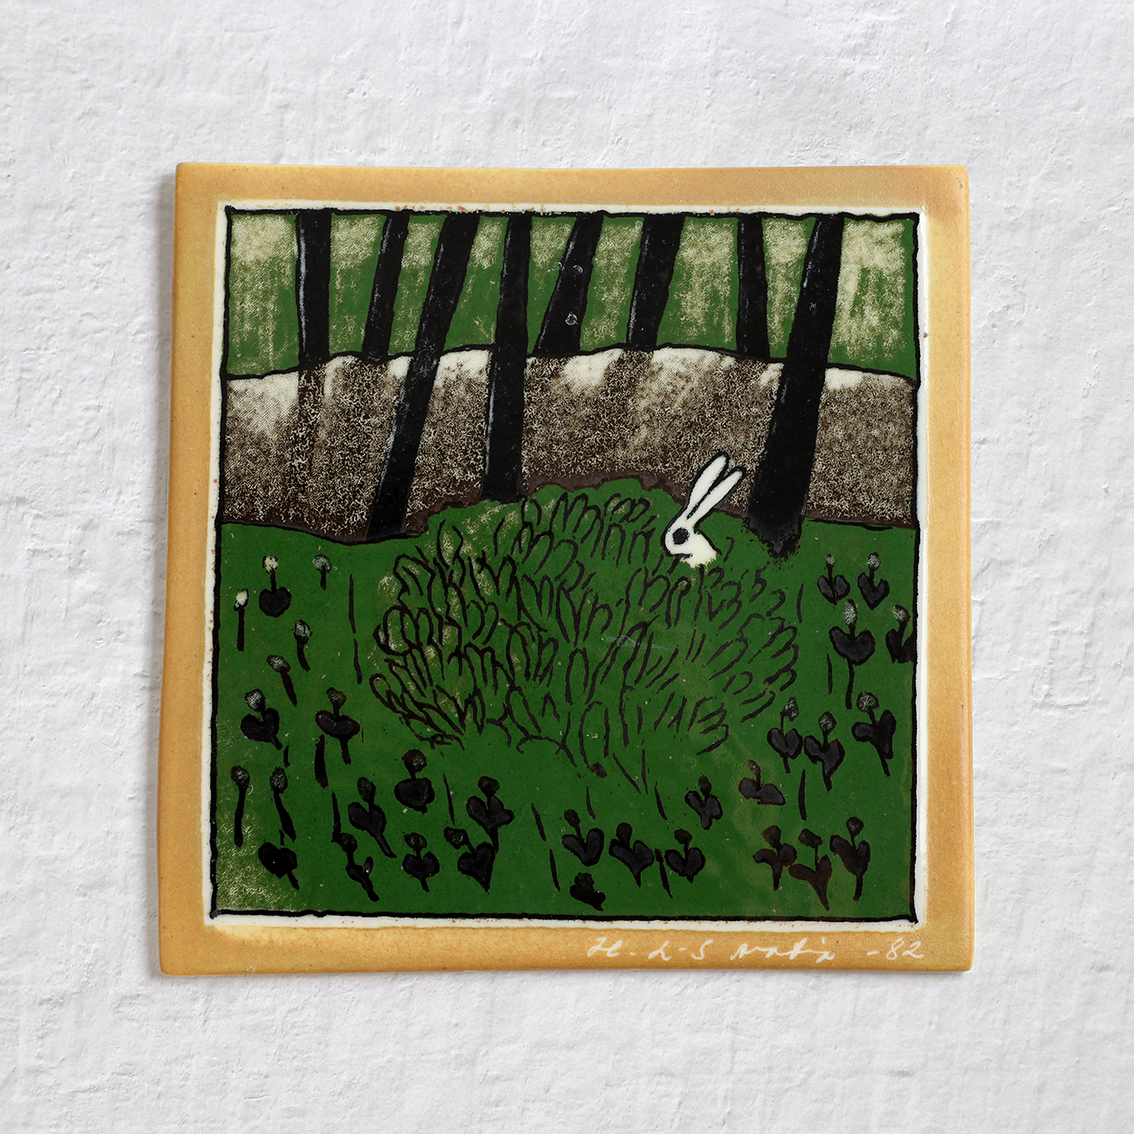 Arabia アラビア Helja Liukko-Sundstrom ヘルヤ リウッコ スンドストロム 茂みのうさぎの陶板 - 2 北欧ヴィンテージ